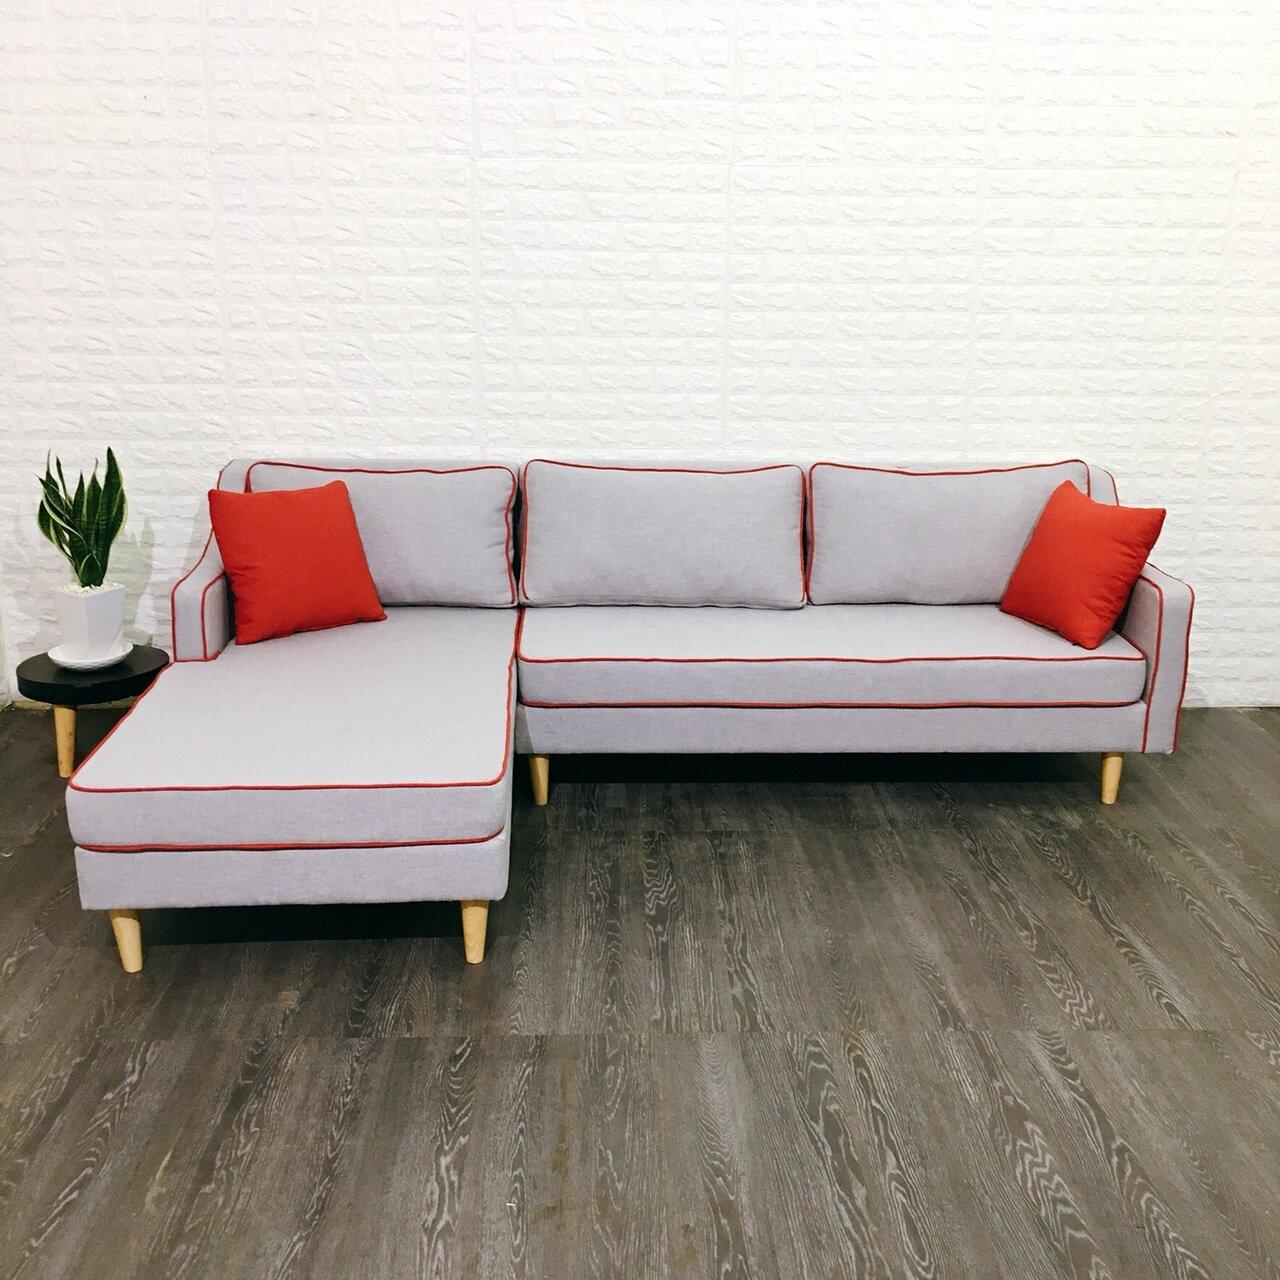 Bột ghế sofa góc Juno với màu sắc mới lạ, độc đáo